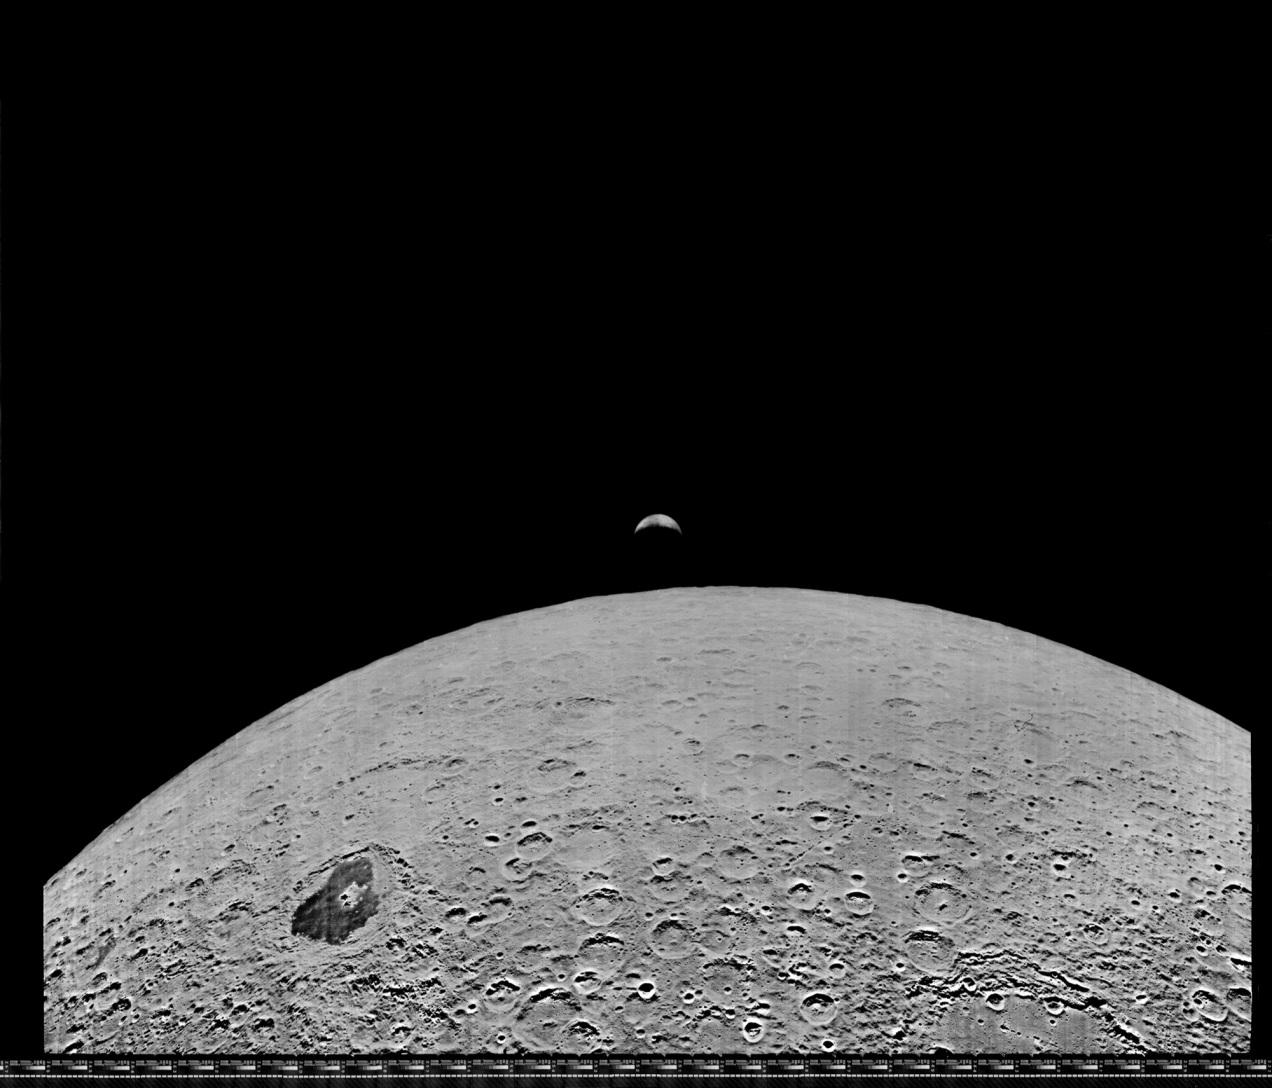 Lunar Orbiter I